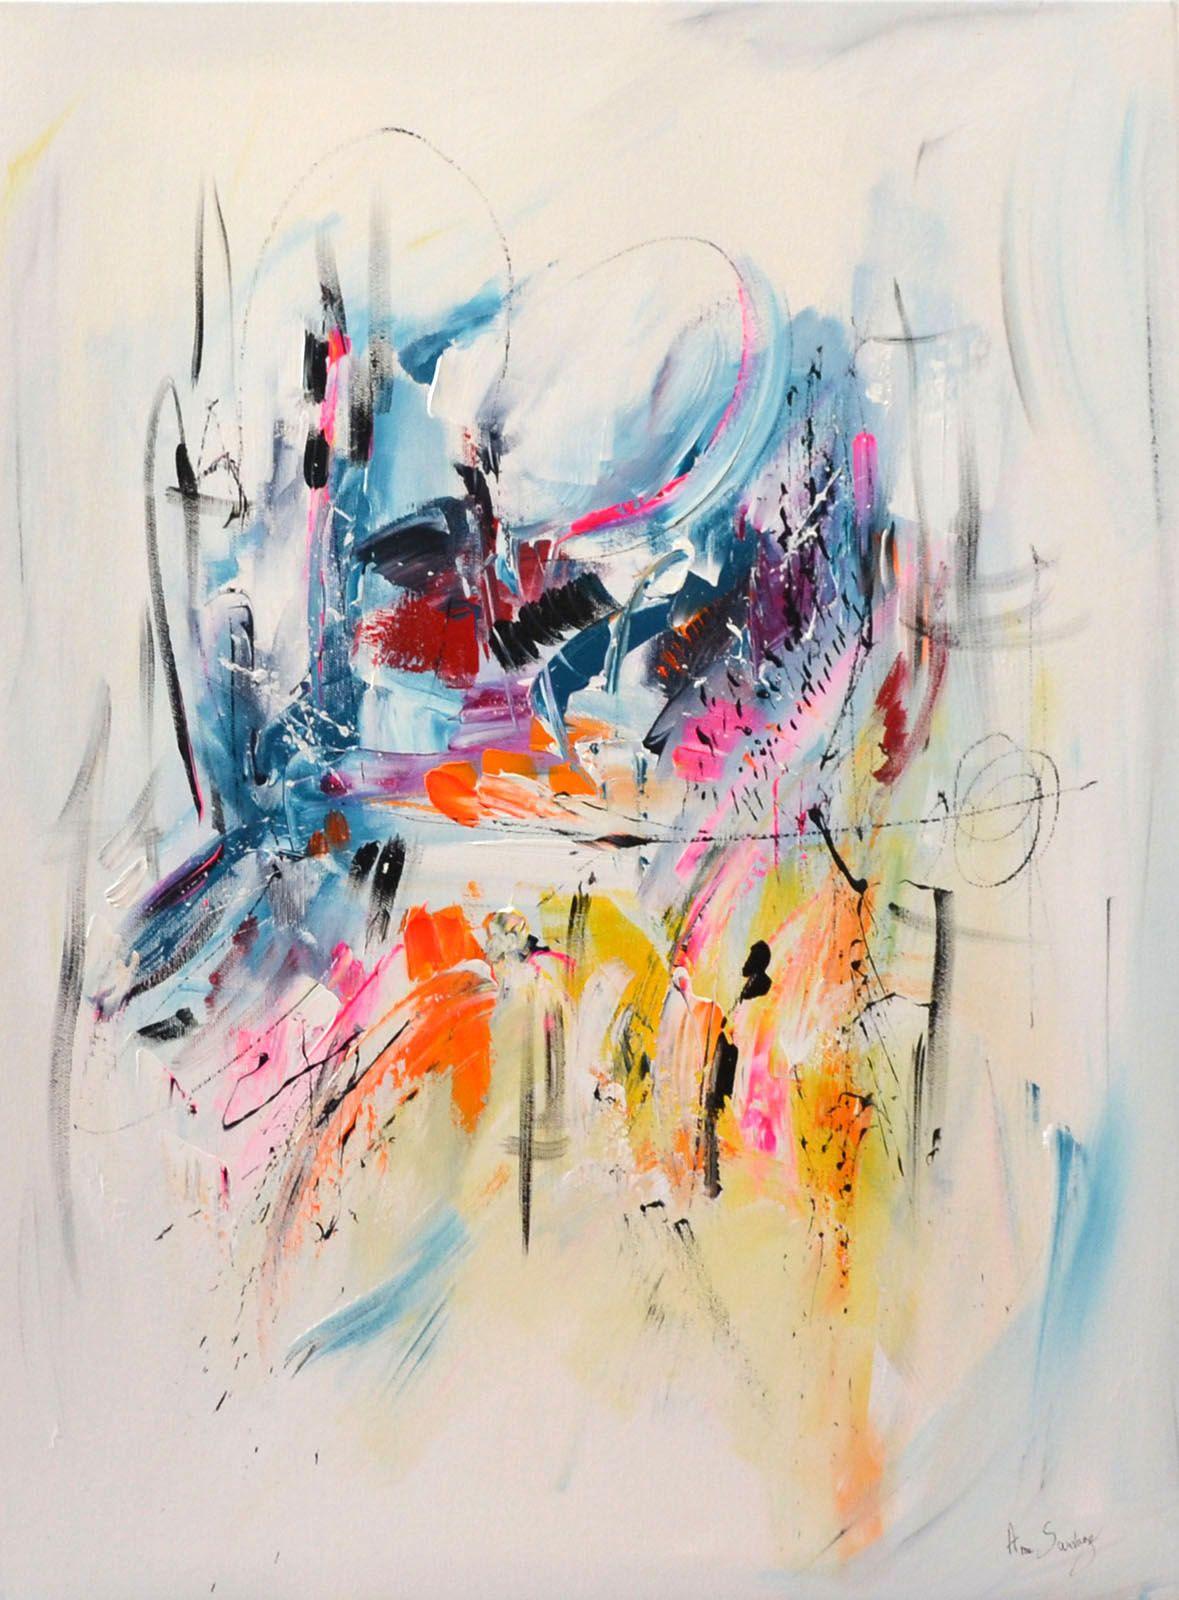 Tableau Abstrait Blanc Et Epure Tableau Abstrait Peinture Abstraite Contemporaine Abstrait